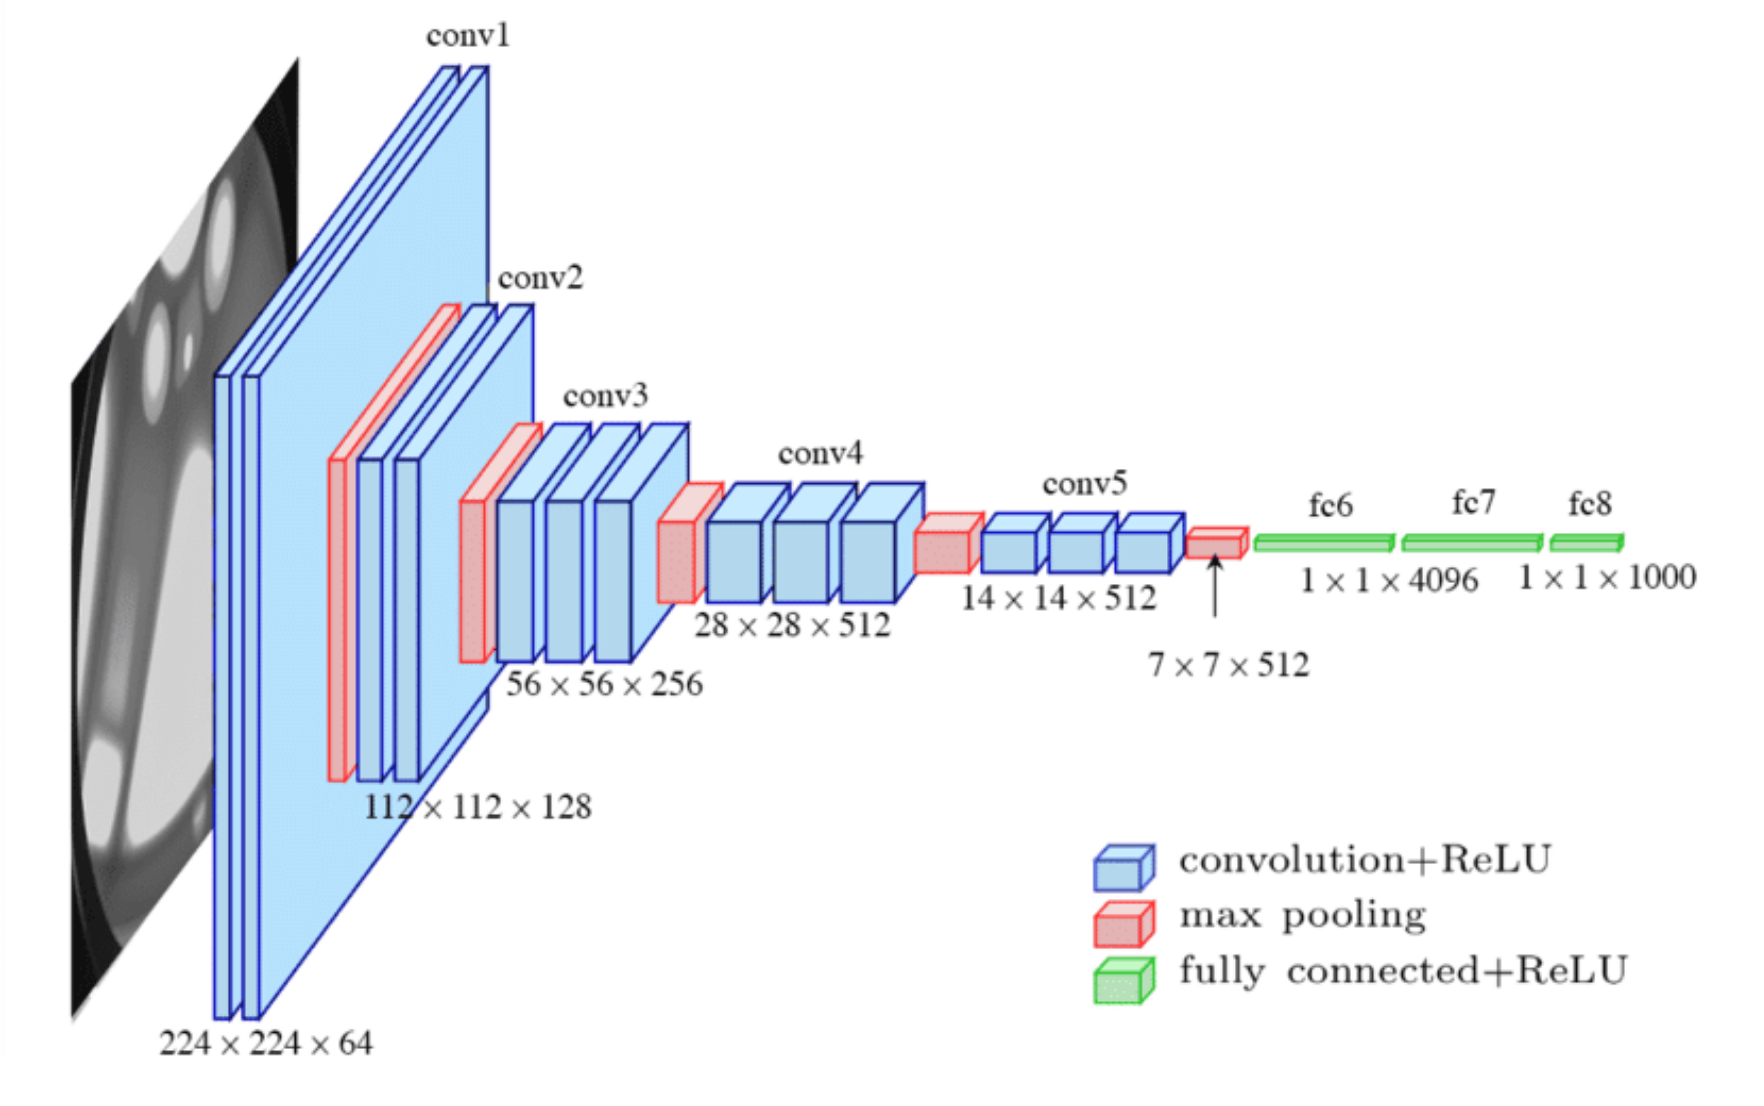 Réseau convolutionnel VGG16 [2], pour la classification d'images